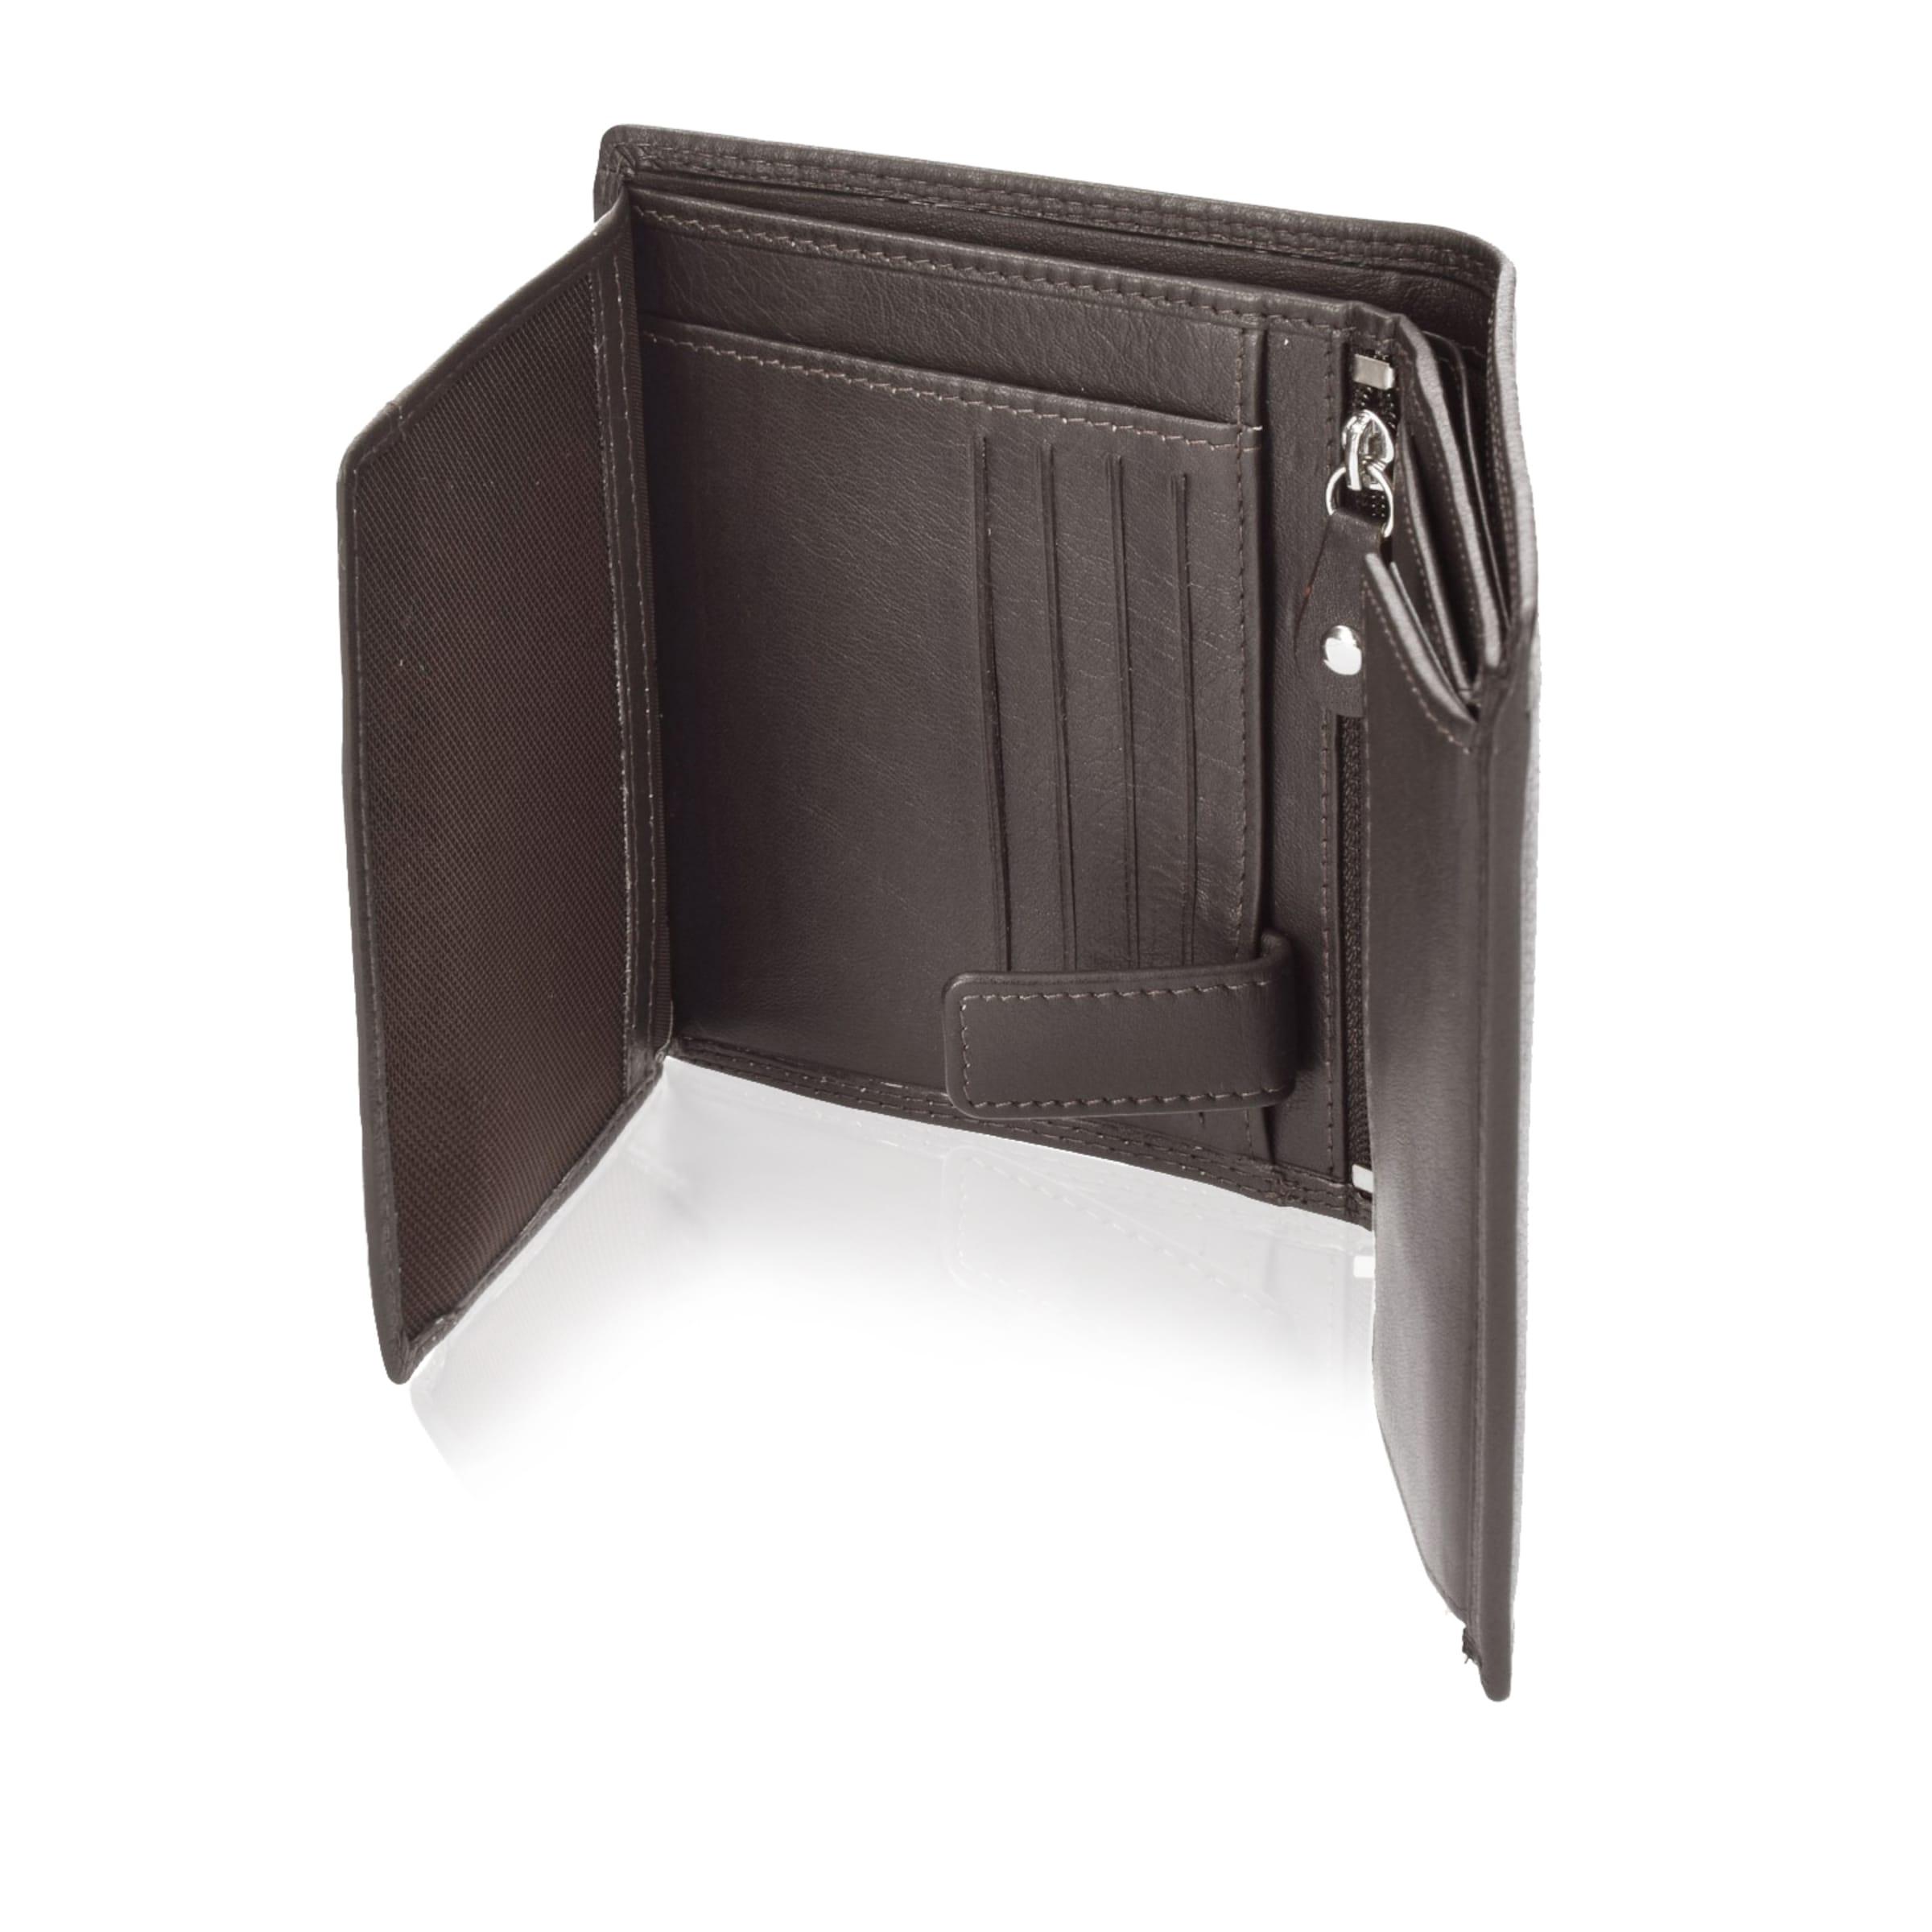 Mit Geldbörse Klappfach Reißverschlussfach Leder Und 78020 Cm 10 In Samsonite 5 Hochformat Dunkelbraun rtsChQdx